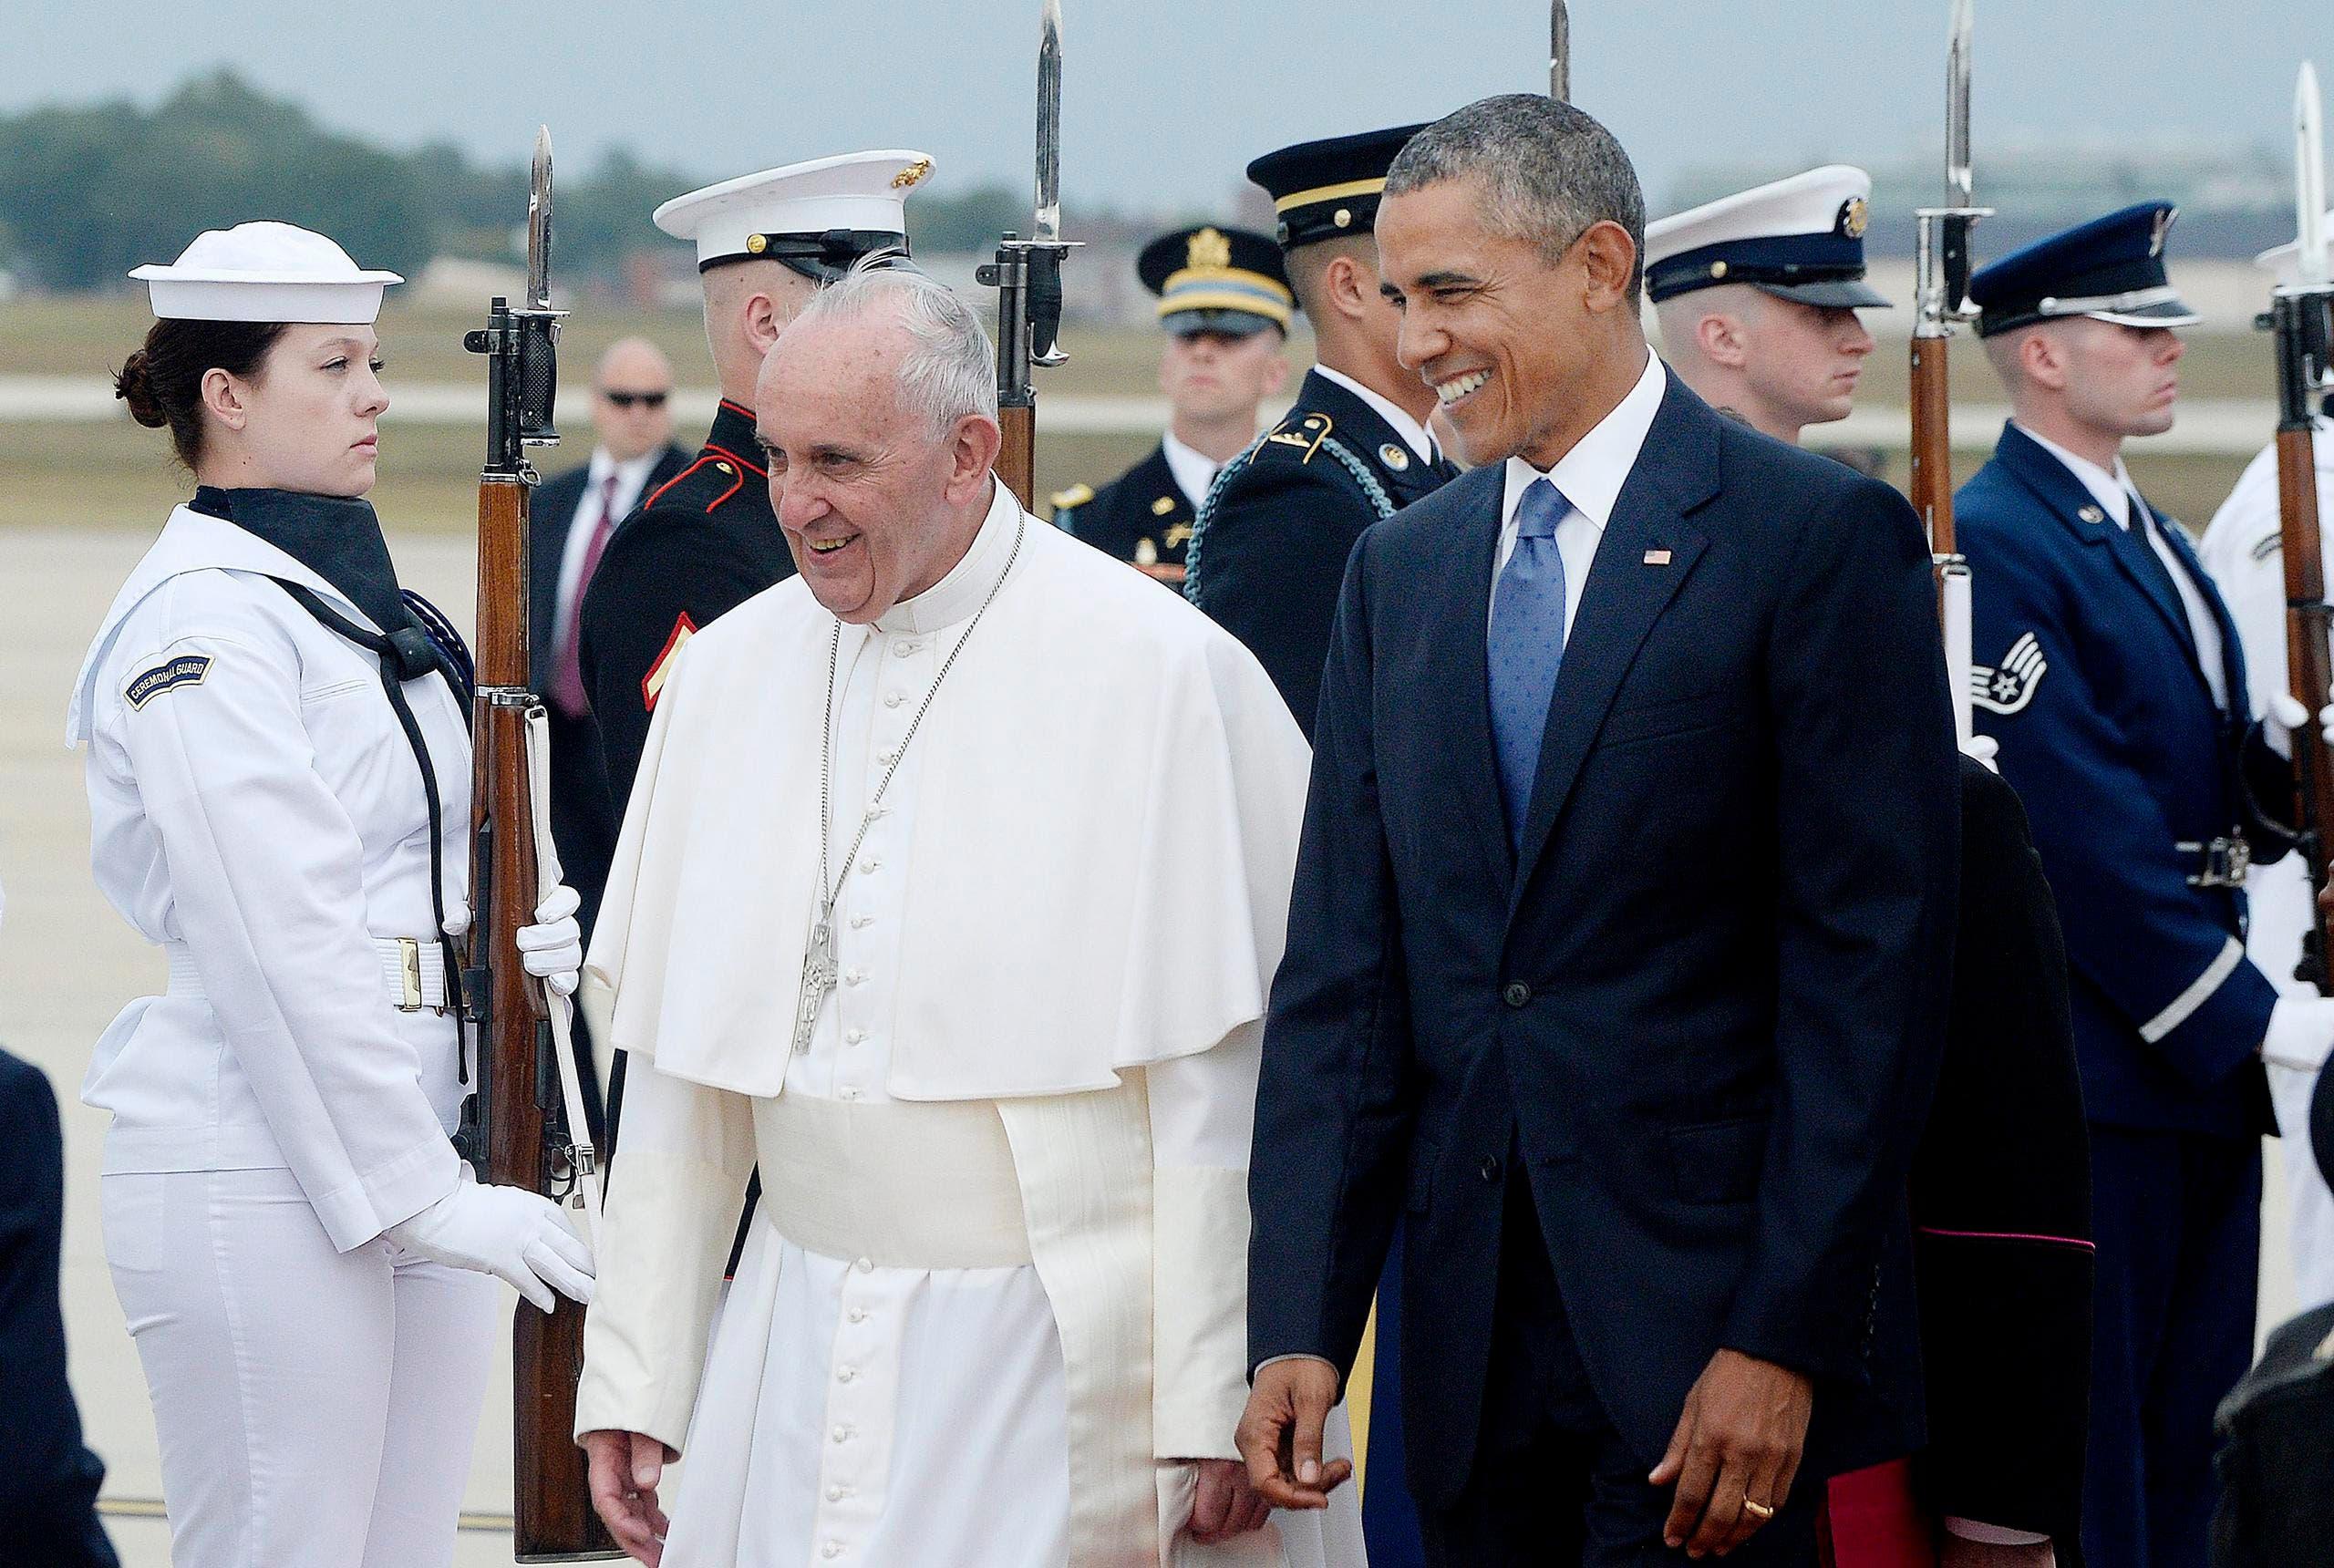 Die Ettikette forderts: Militärische Ehren für den Papst. (Bild: EPA / Olivier Douliery / Pool)